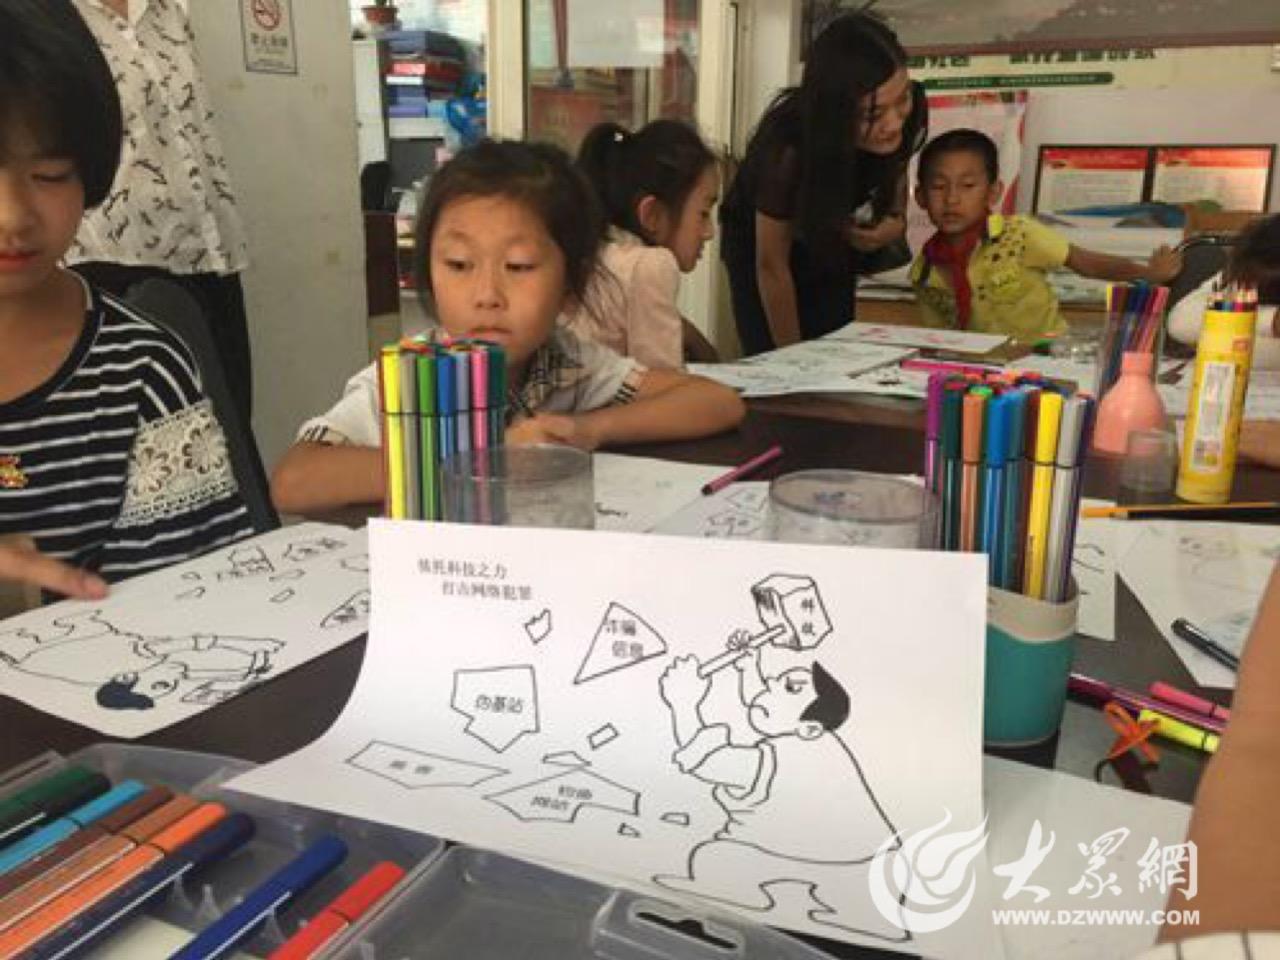 画漫画学网络安全知识 青岛上海路社区寓教于乐